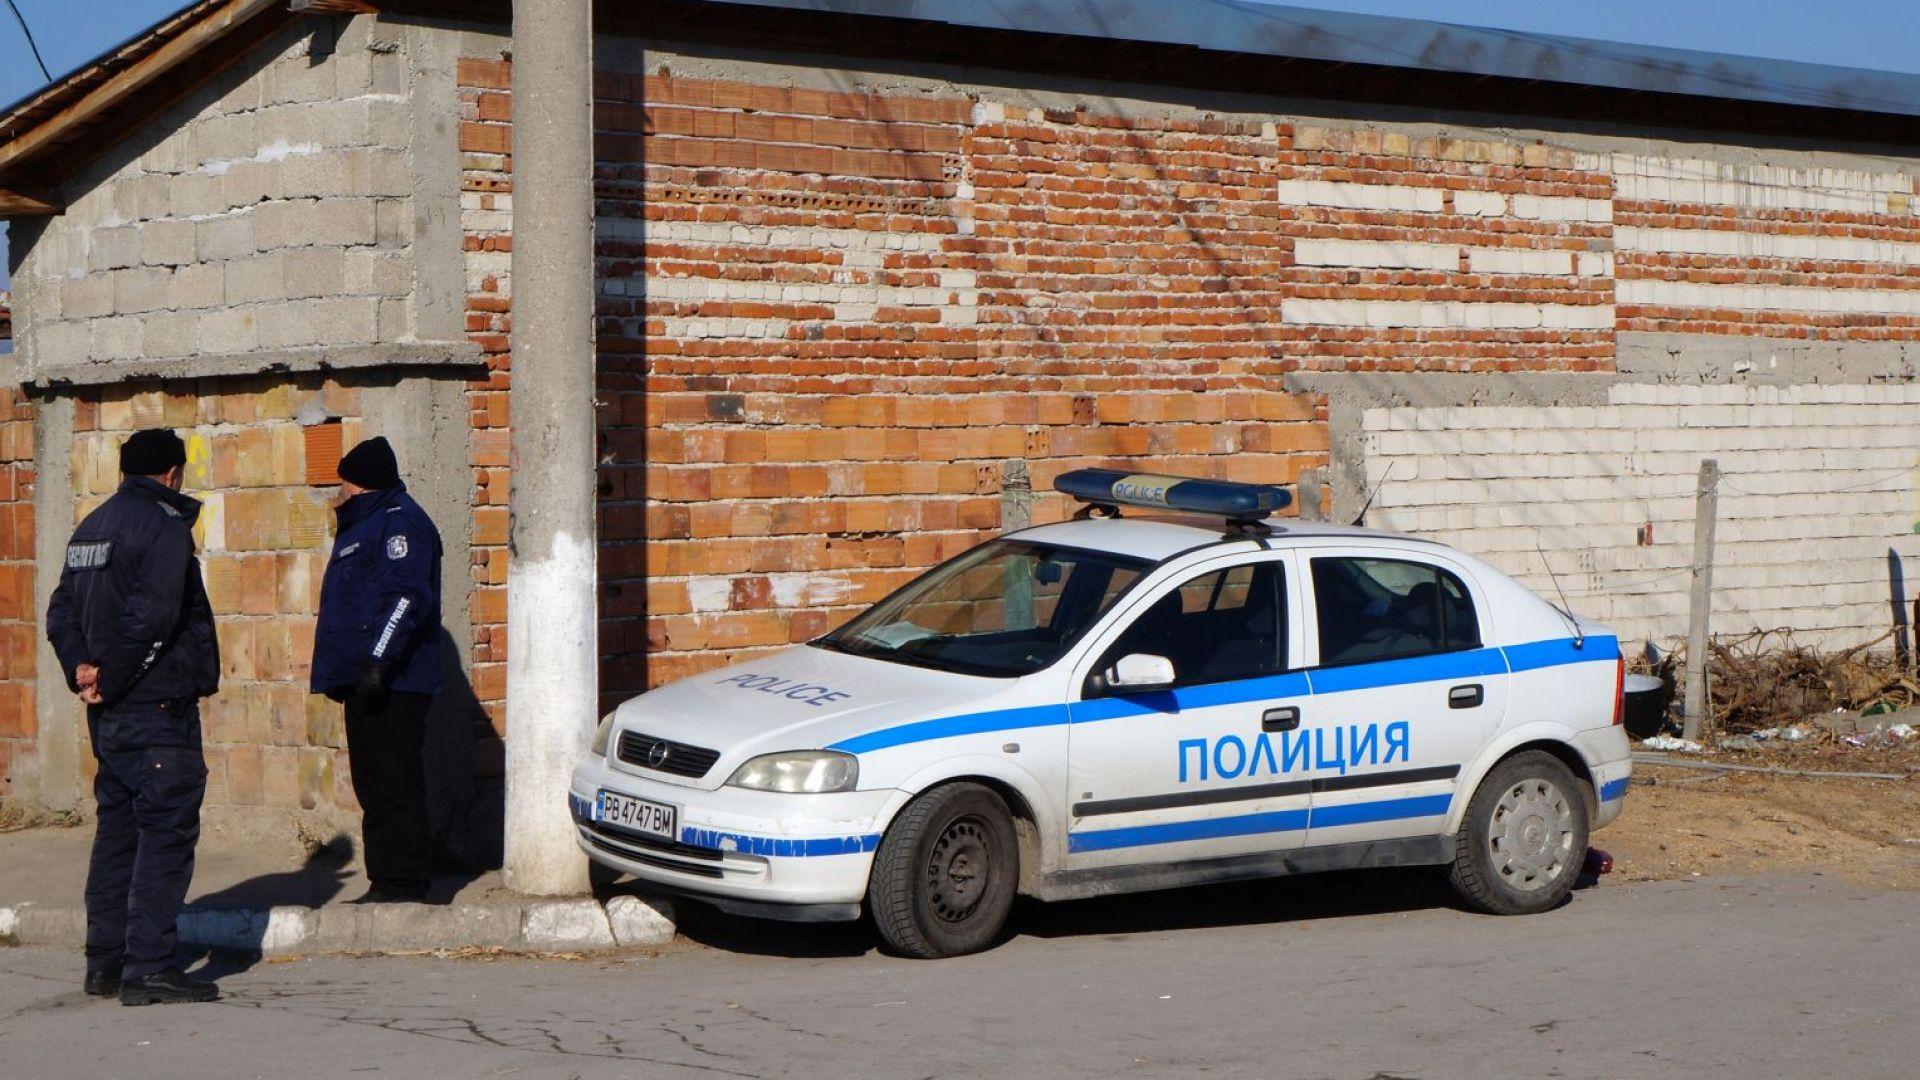 Циганите от Войводиново изнасят багажа си от махалата